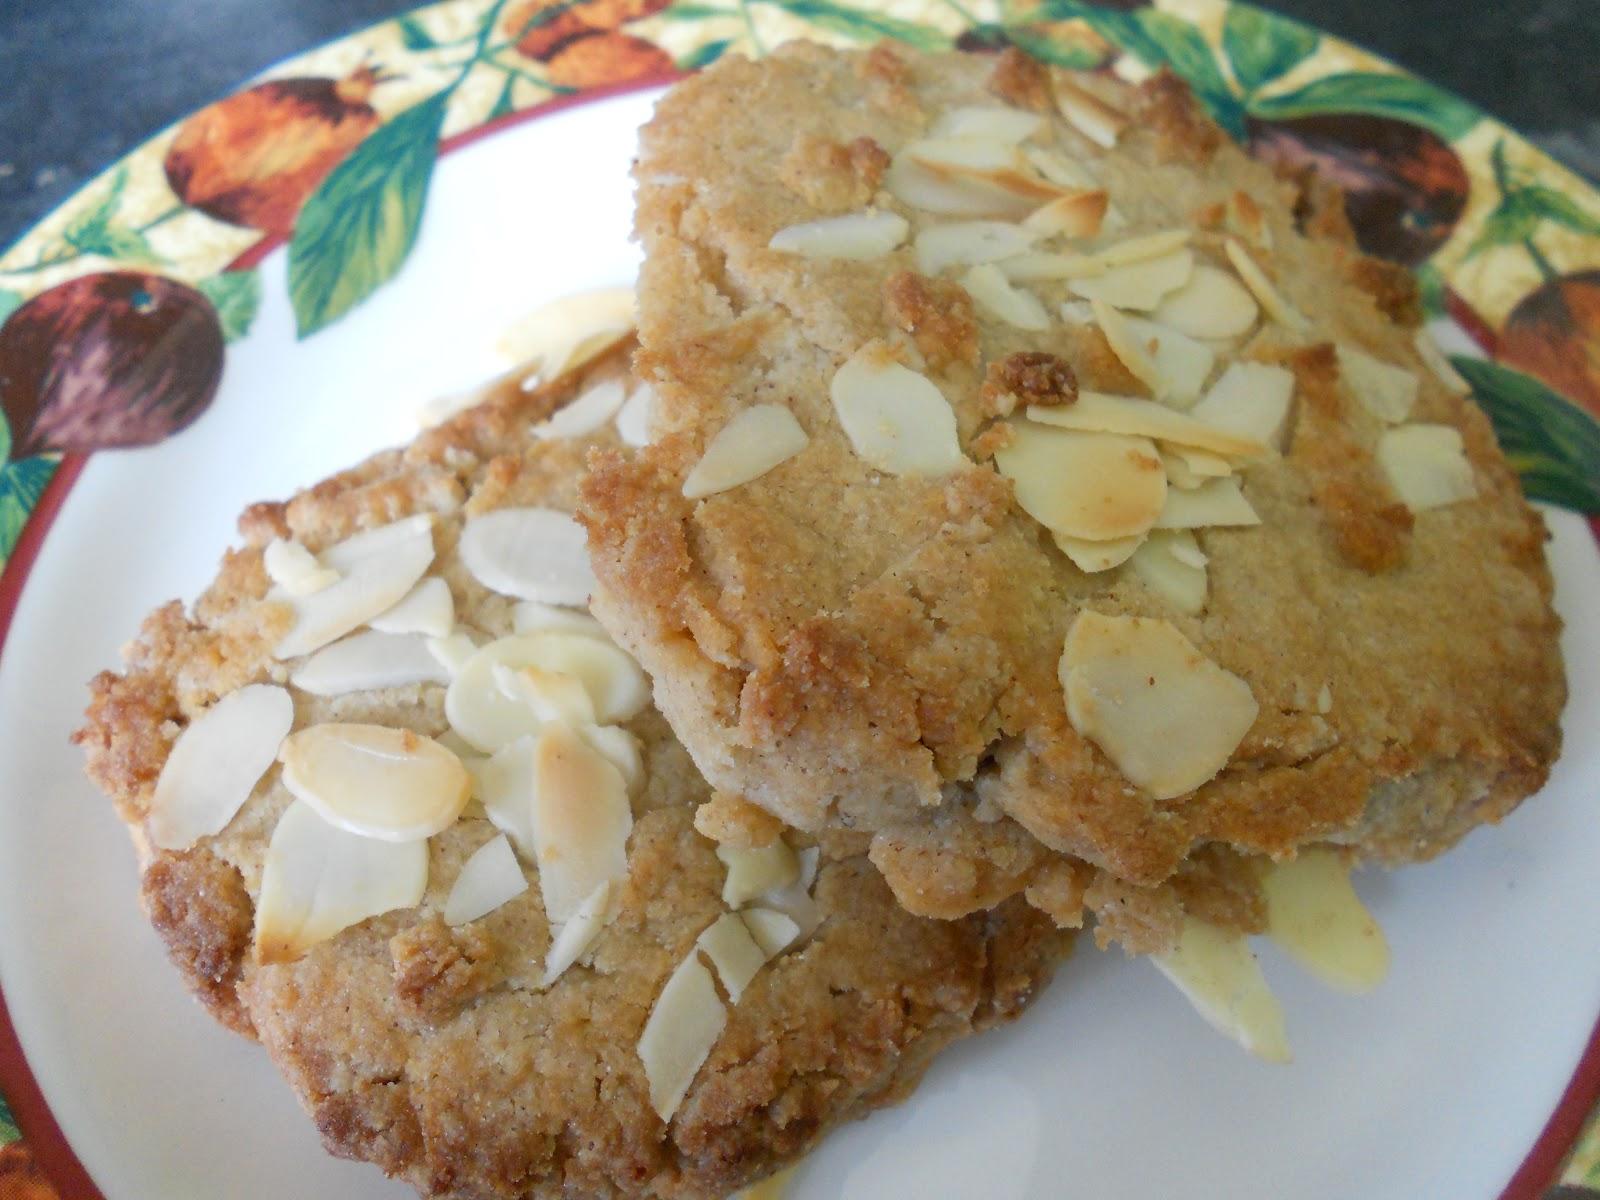 cookies gluten free gluten free chocolate chip cookies gluten free ...